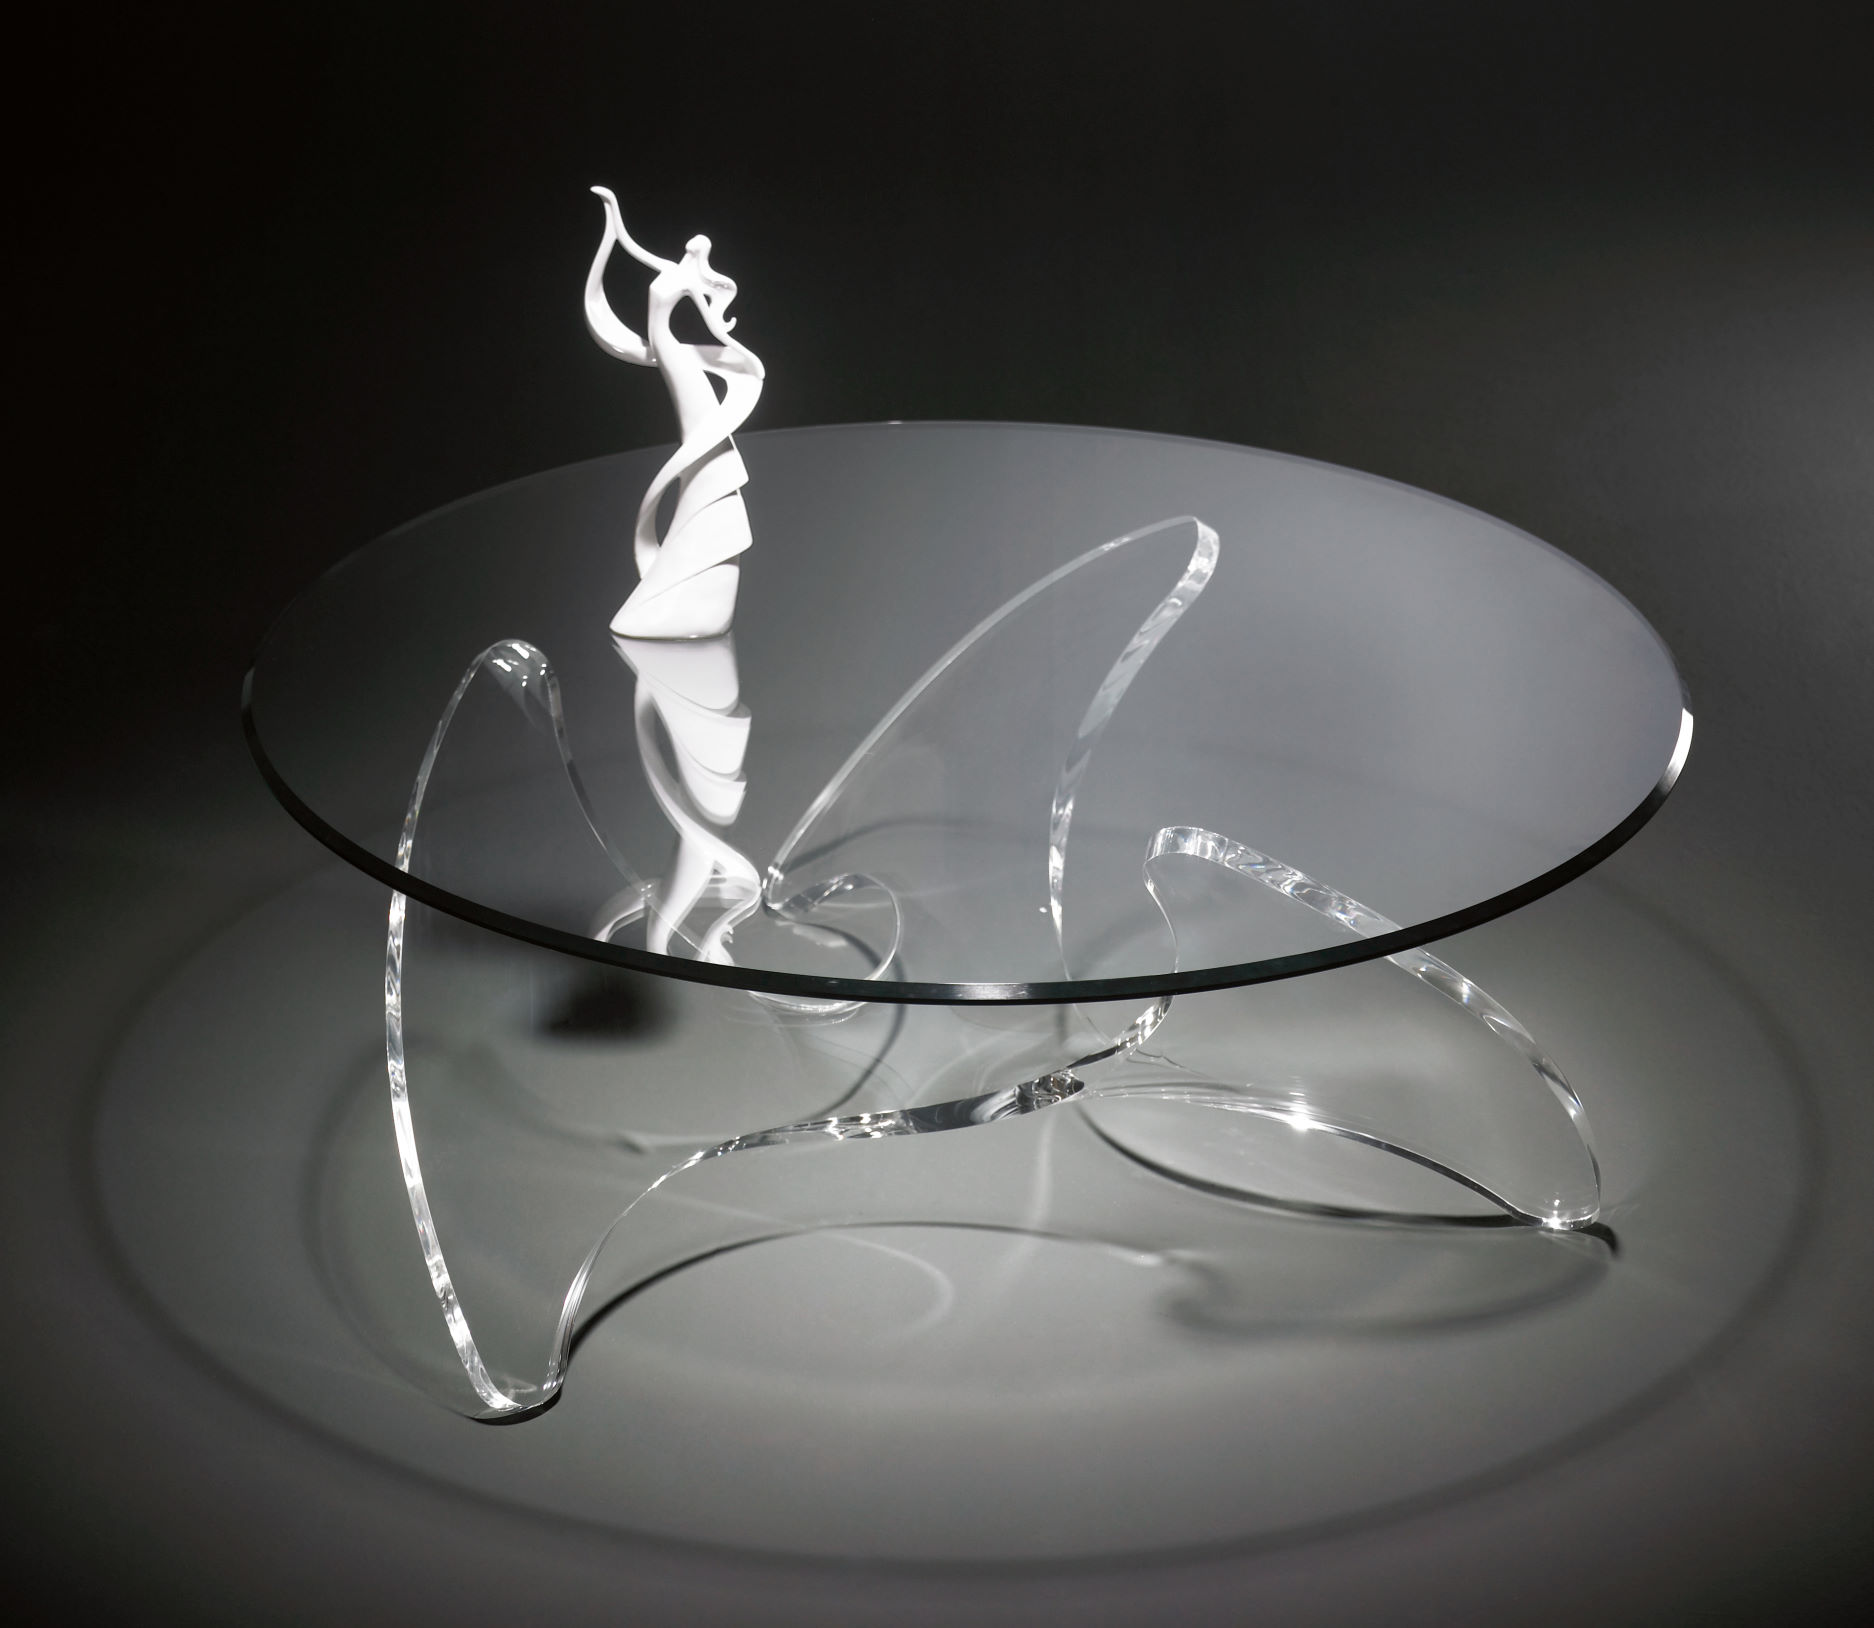 hochwertiger designer couchtisch mit glasplatte auf. Black Bedroom Furniture Sets. Home Design Ideas